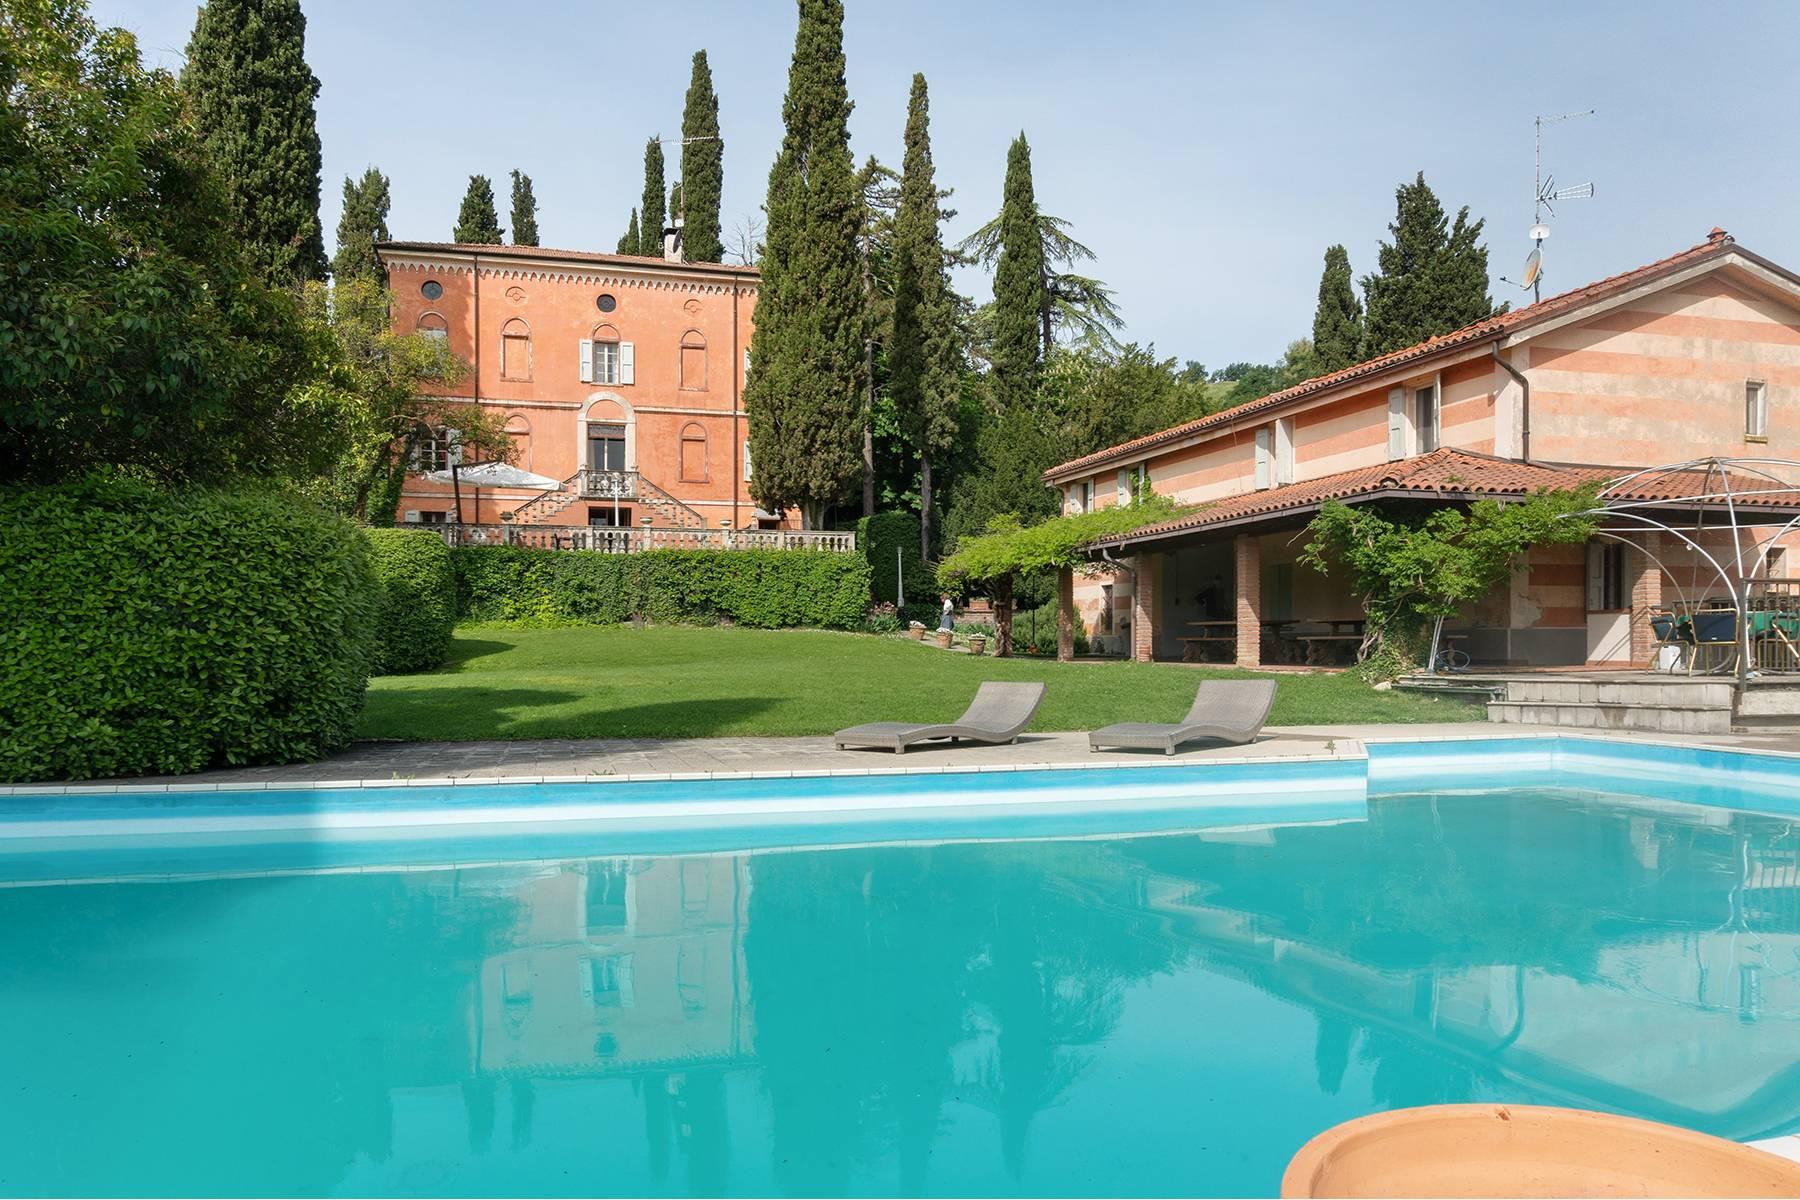 Villa in Vendita a Fiorano Modenese: 5 locali, 470 mq - Foto 6